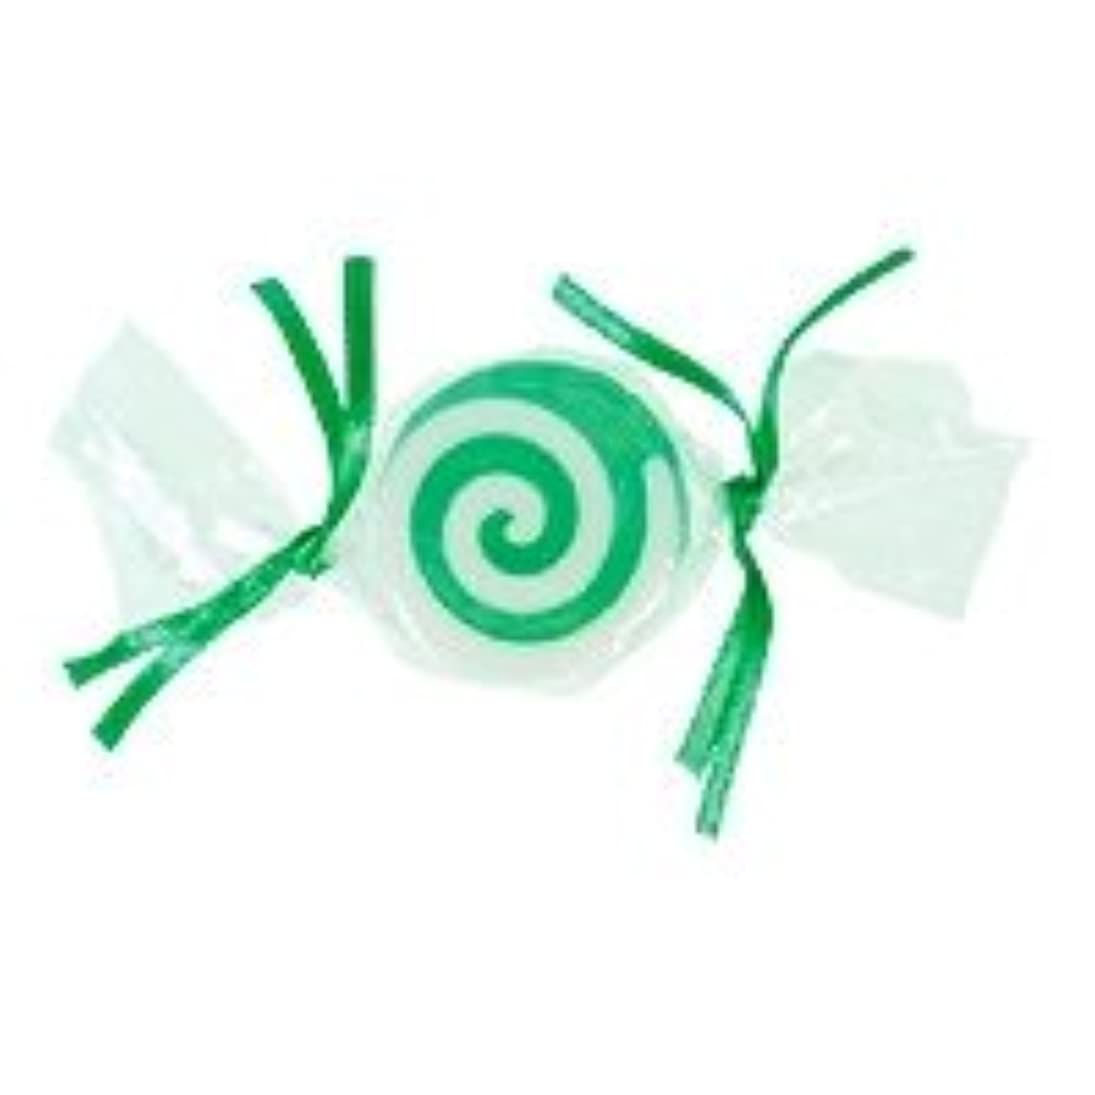 名目上の器具荒野ベジタブルソープ キャンディ「グリーン」20個セット グリーンアップルの香り